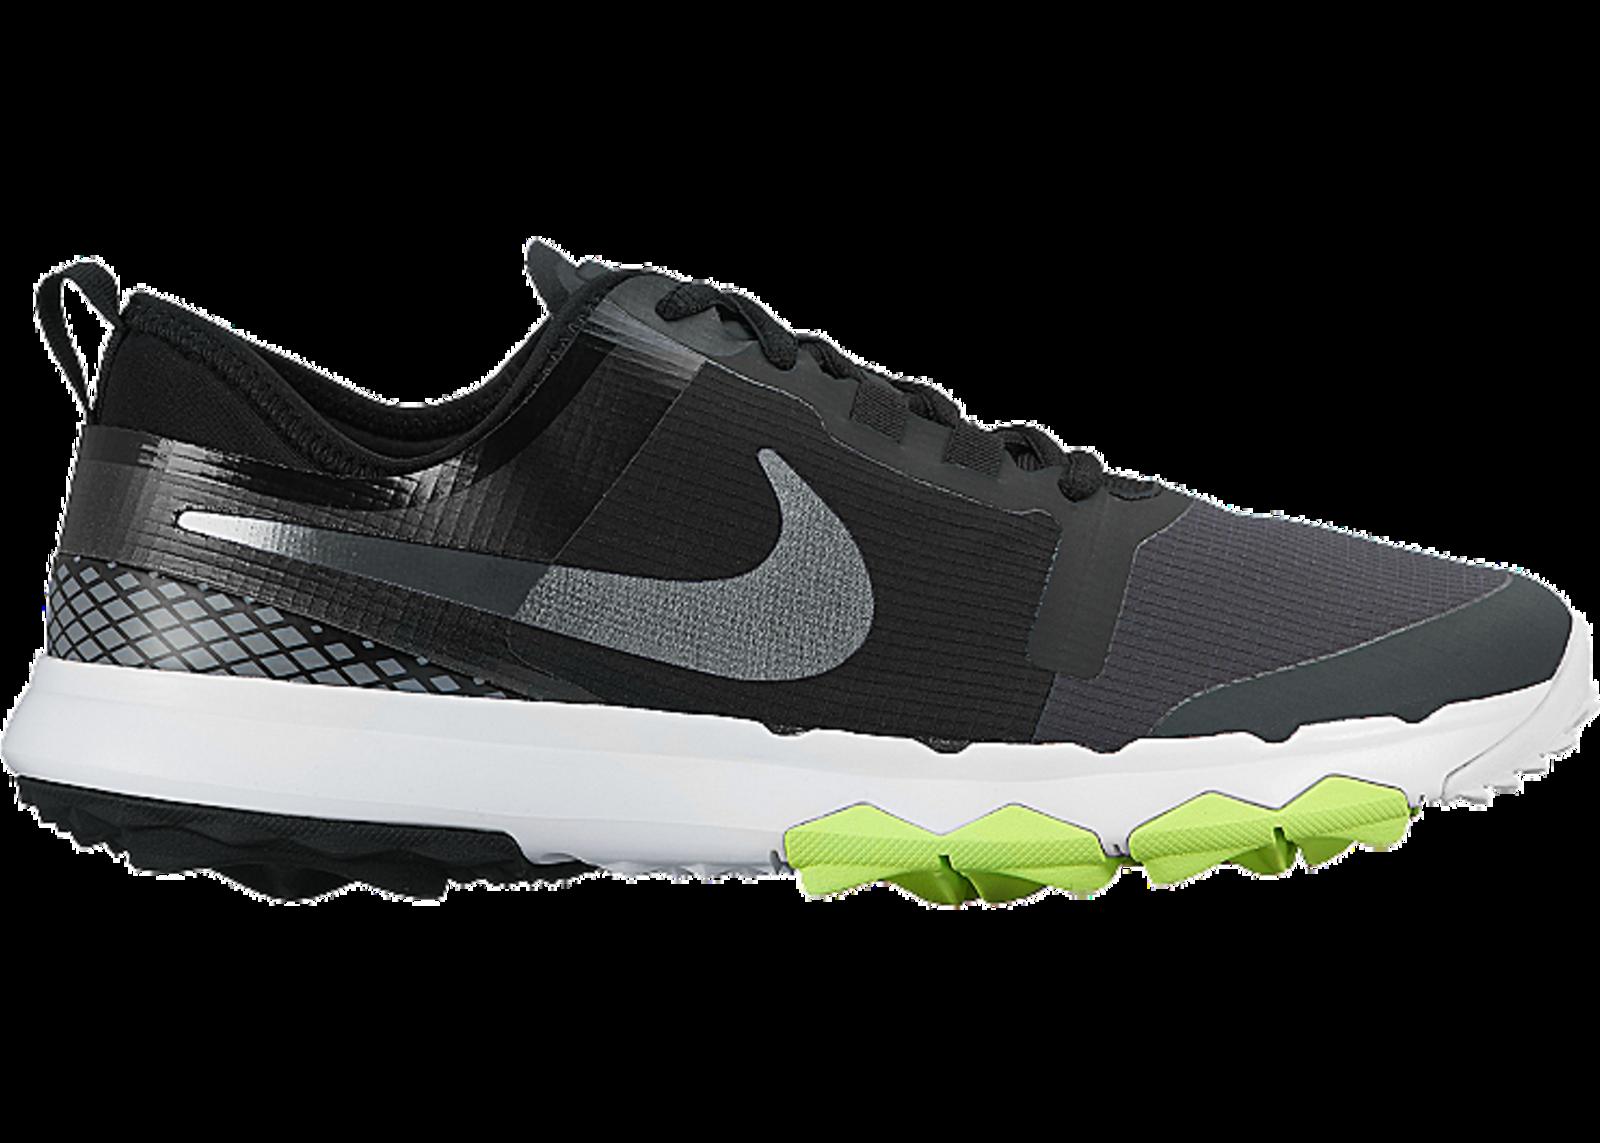 6b77fb8f4f94 Insights from Suzann Pettersen Inform the Nike FI Impact 2 - Nike News